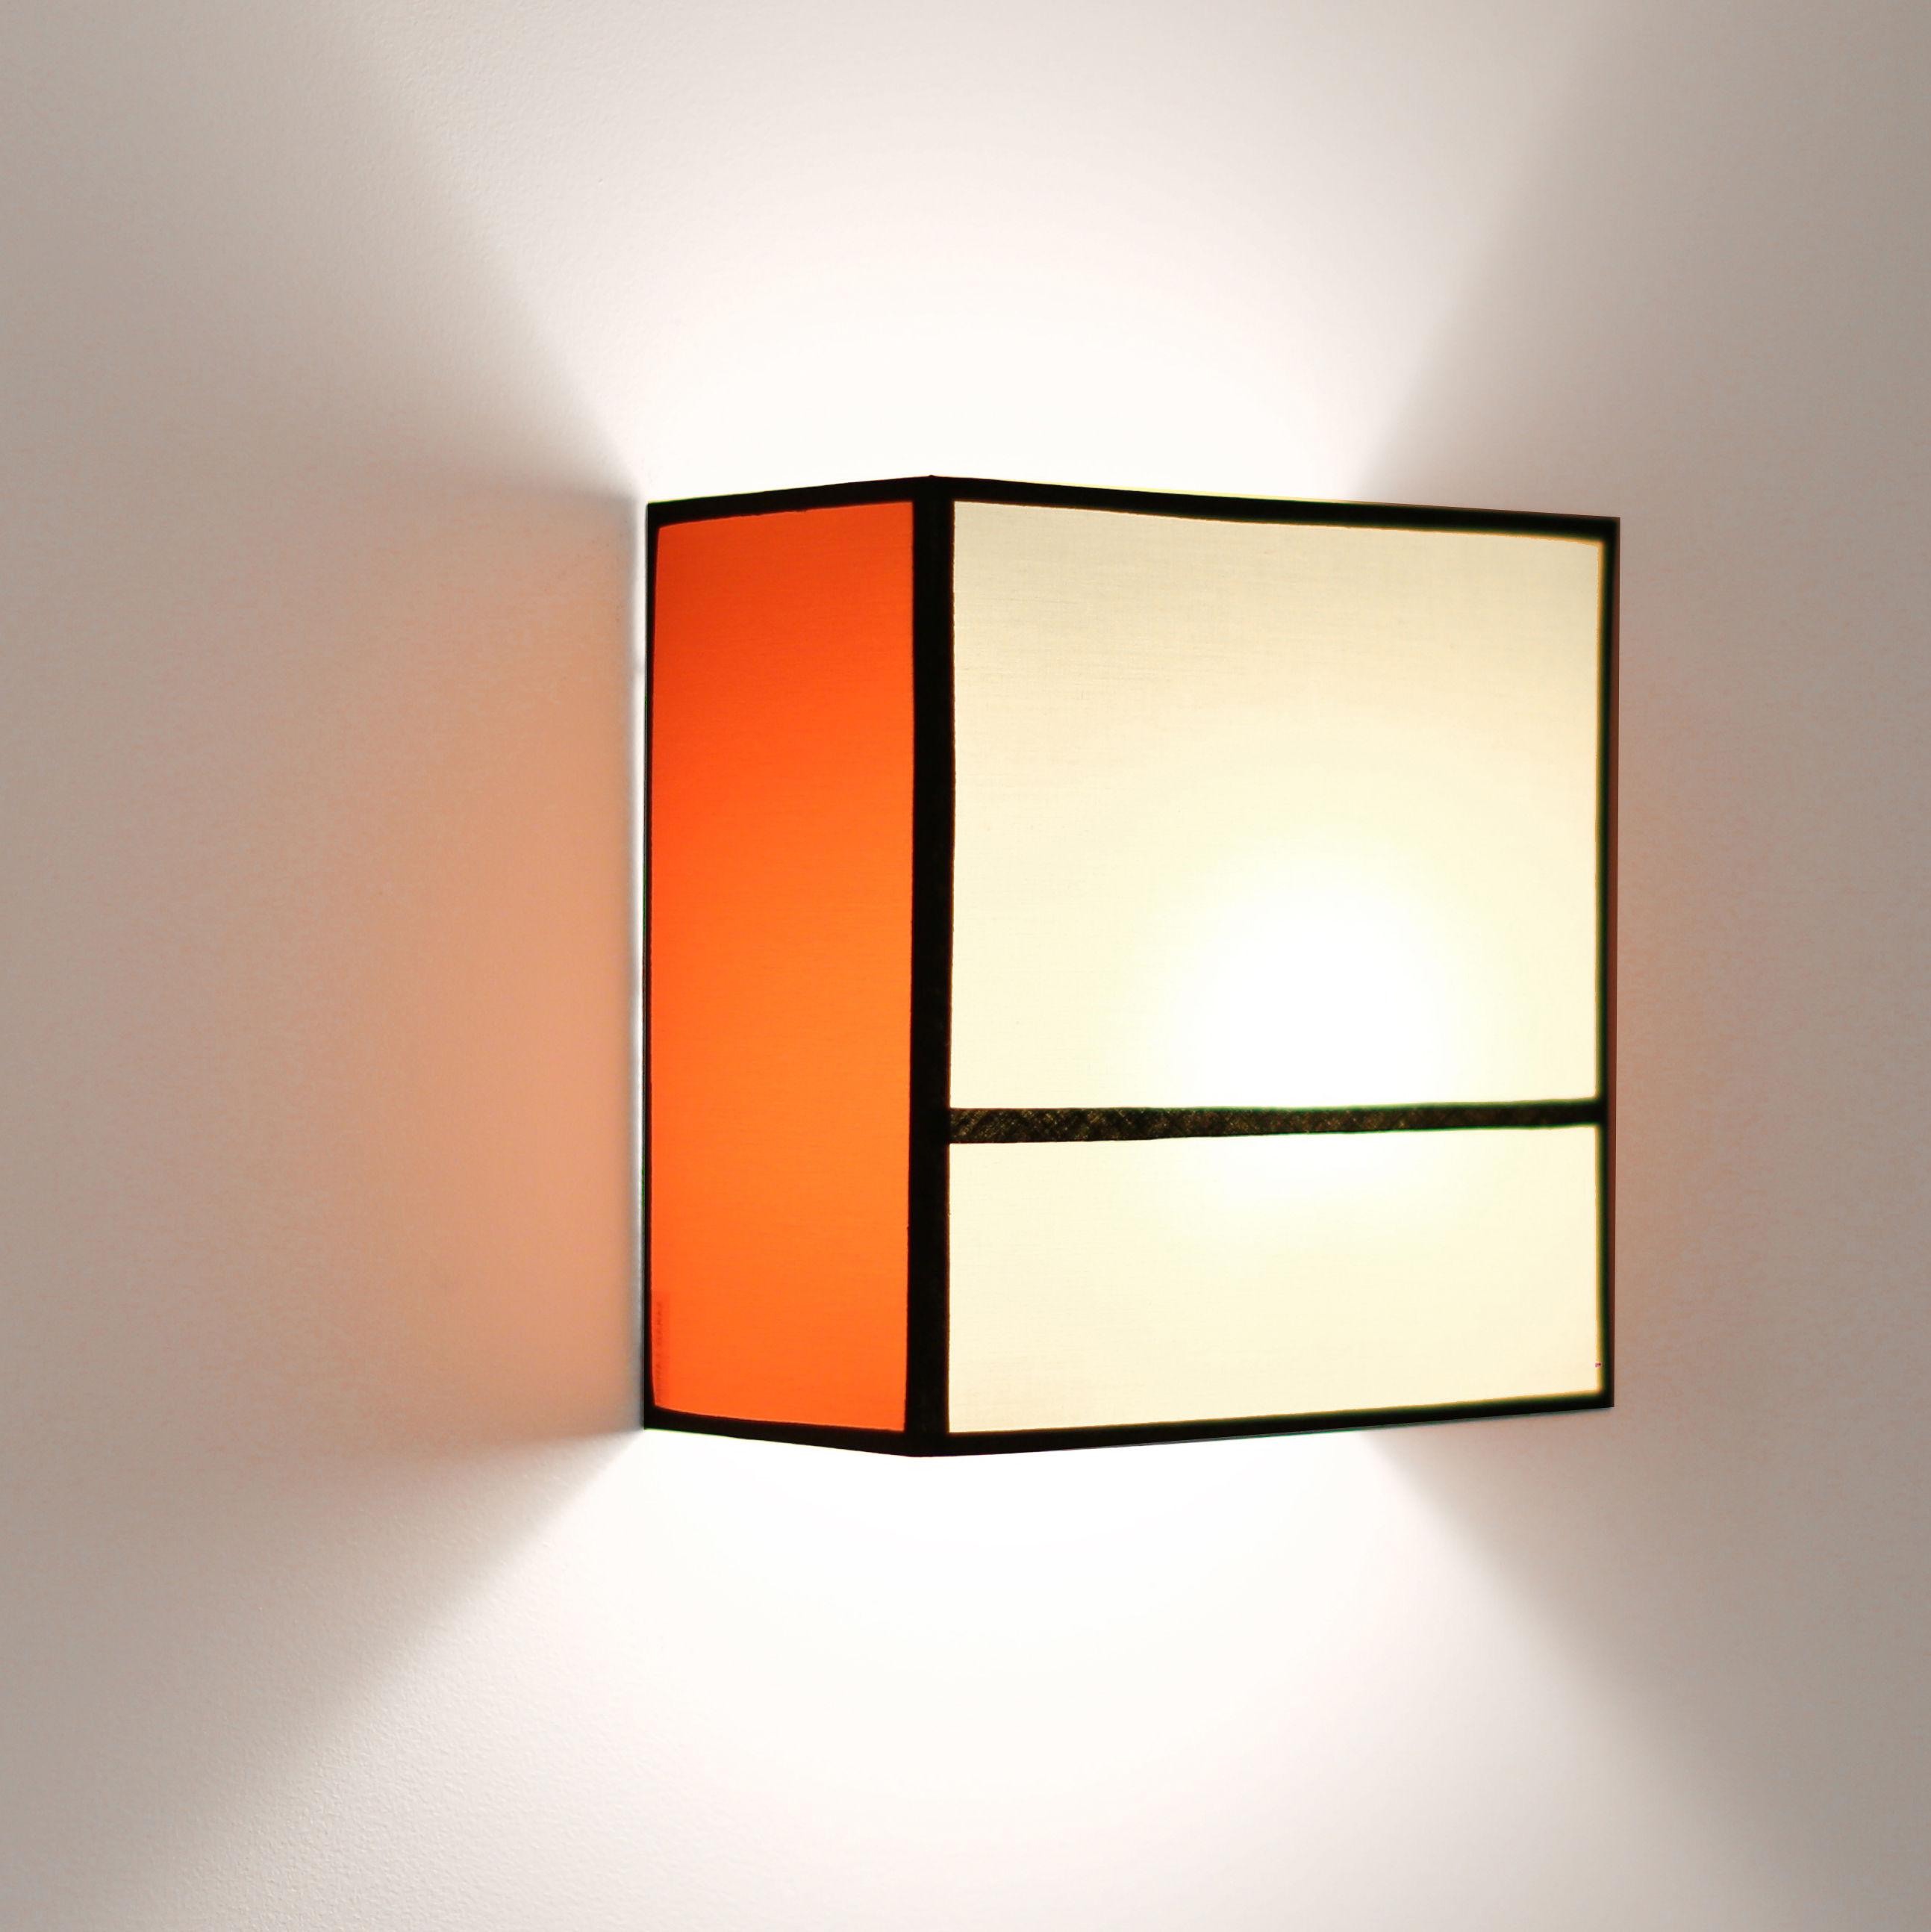 radieuse small wandleuchte ohne fassung und stromanschluss h 25 cm natur orange. Black Bedroom Furniture Sets. Home Design Ideas